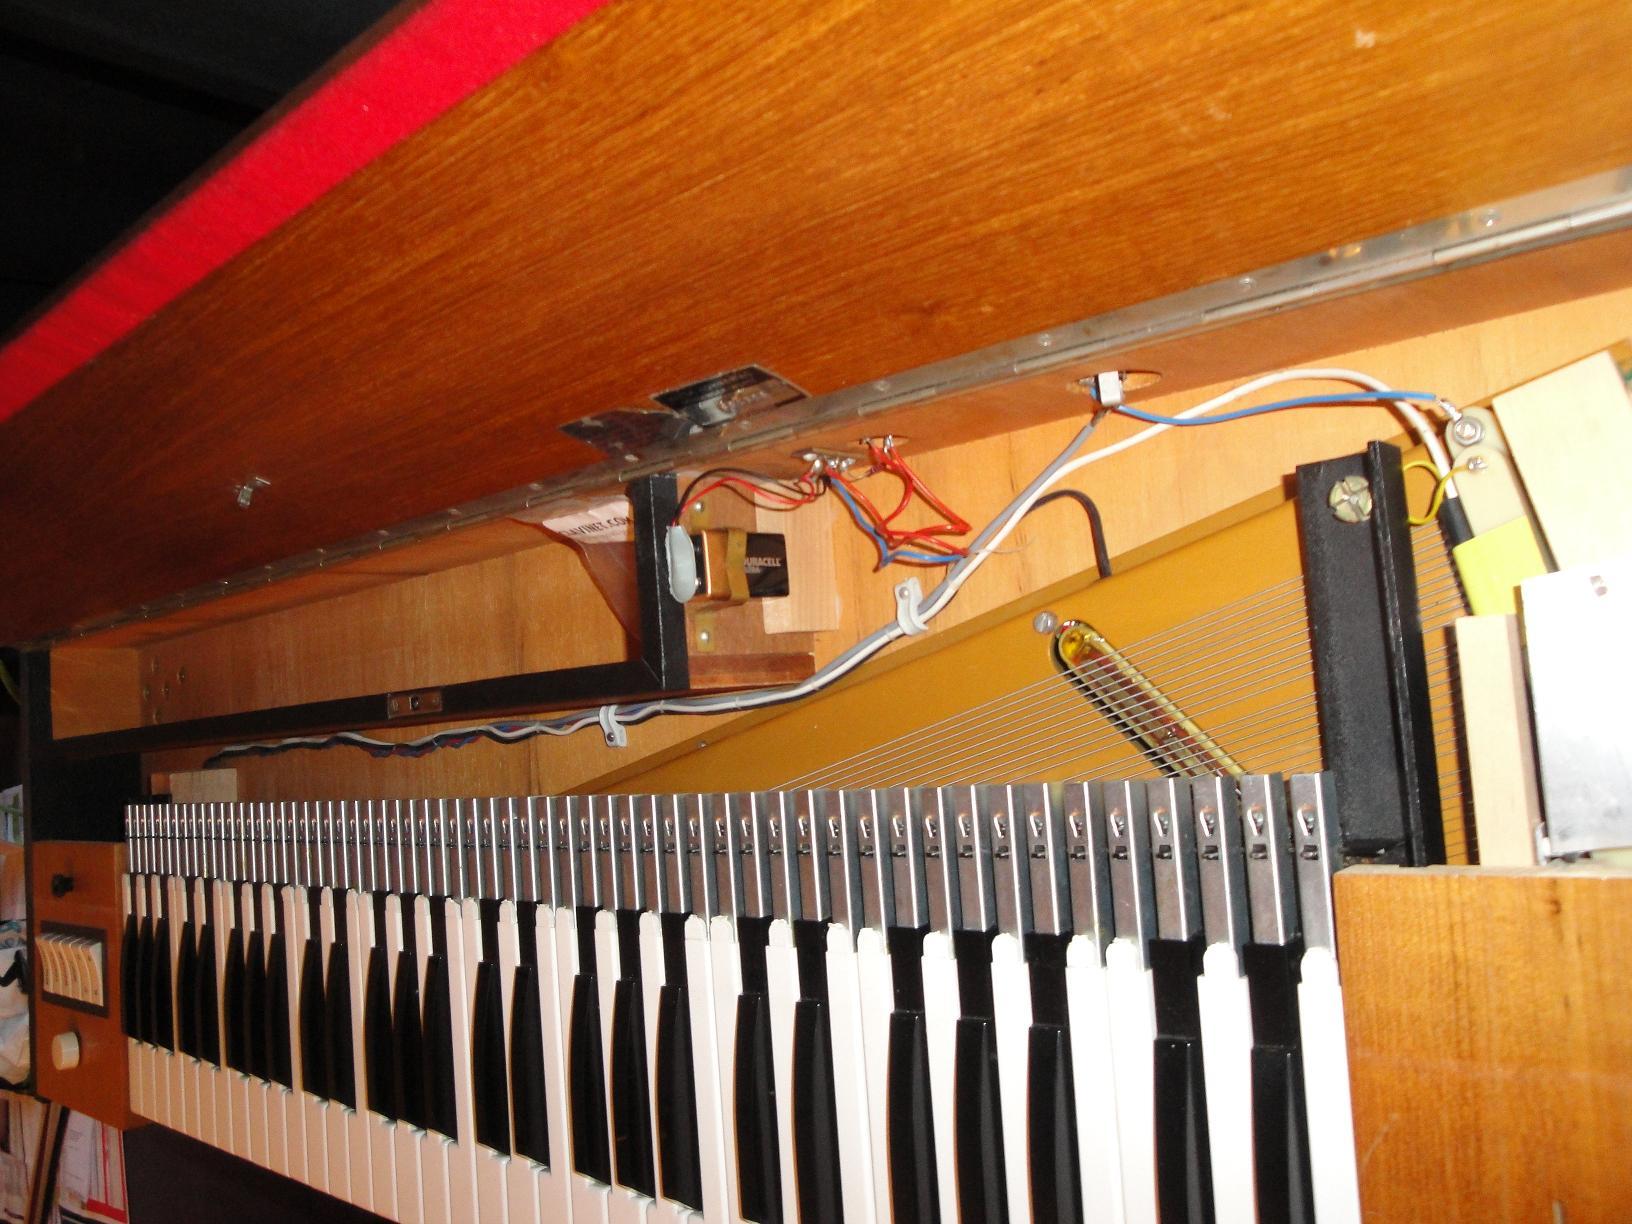 hohner clavinet d6 image 382951 audiofanzine. Black Bedroom Furniture Sets. Home Design Ideas